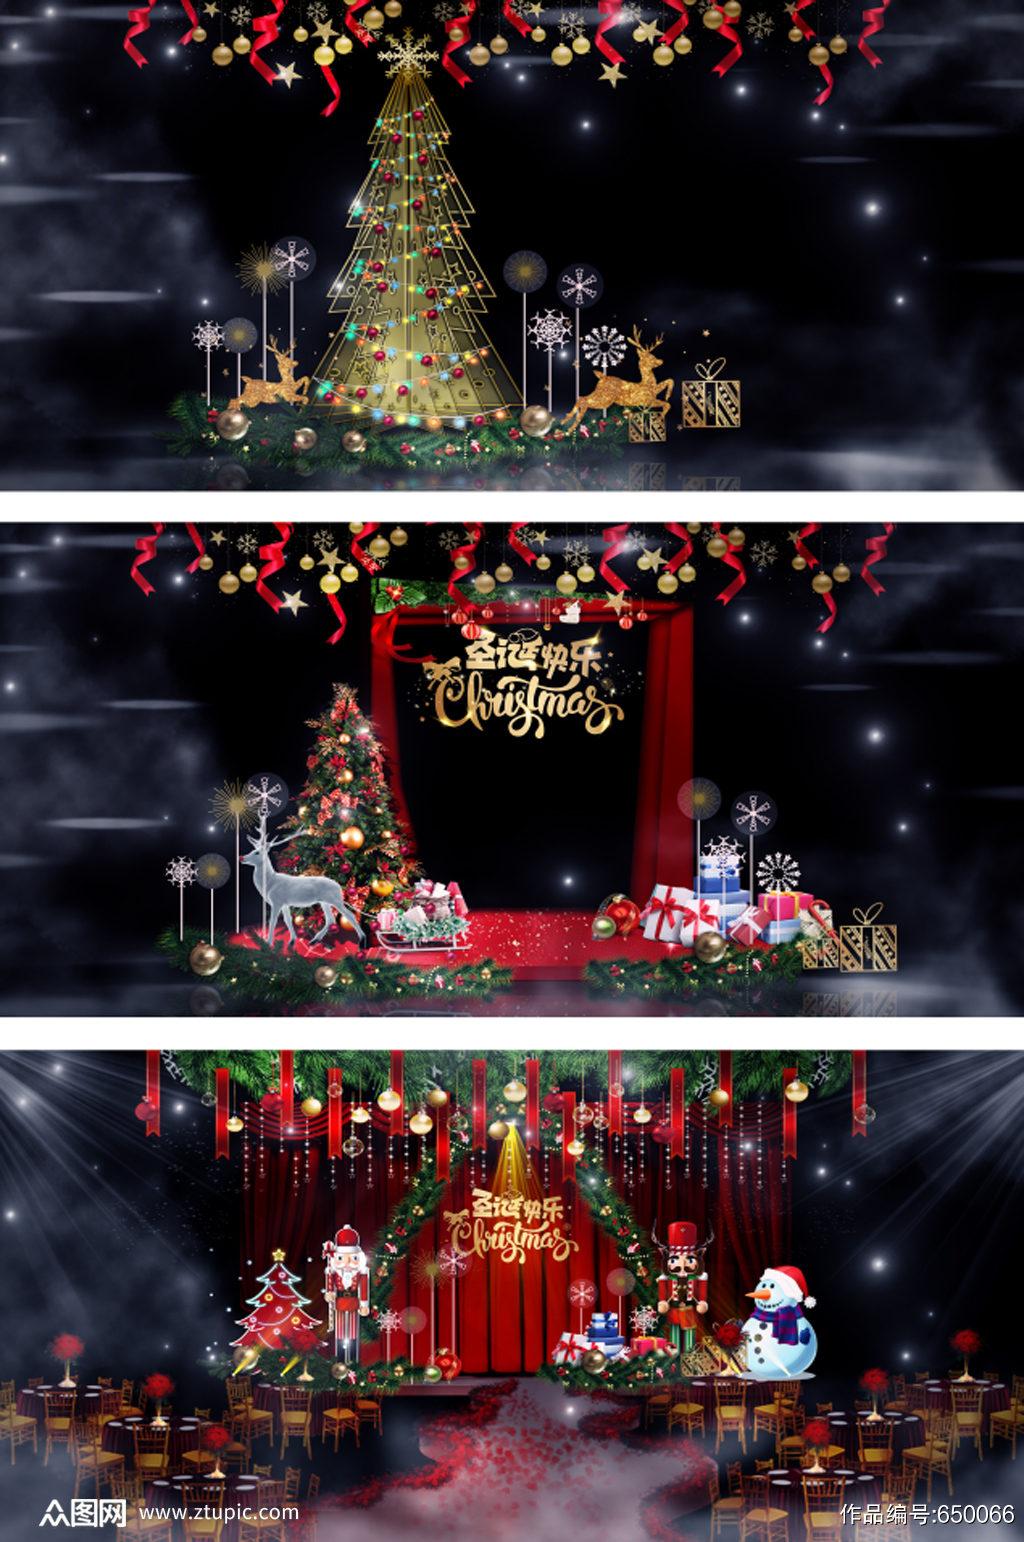 圣诞快乐奢华酒馆美陈设计素材